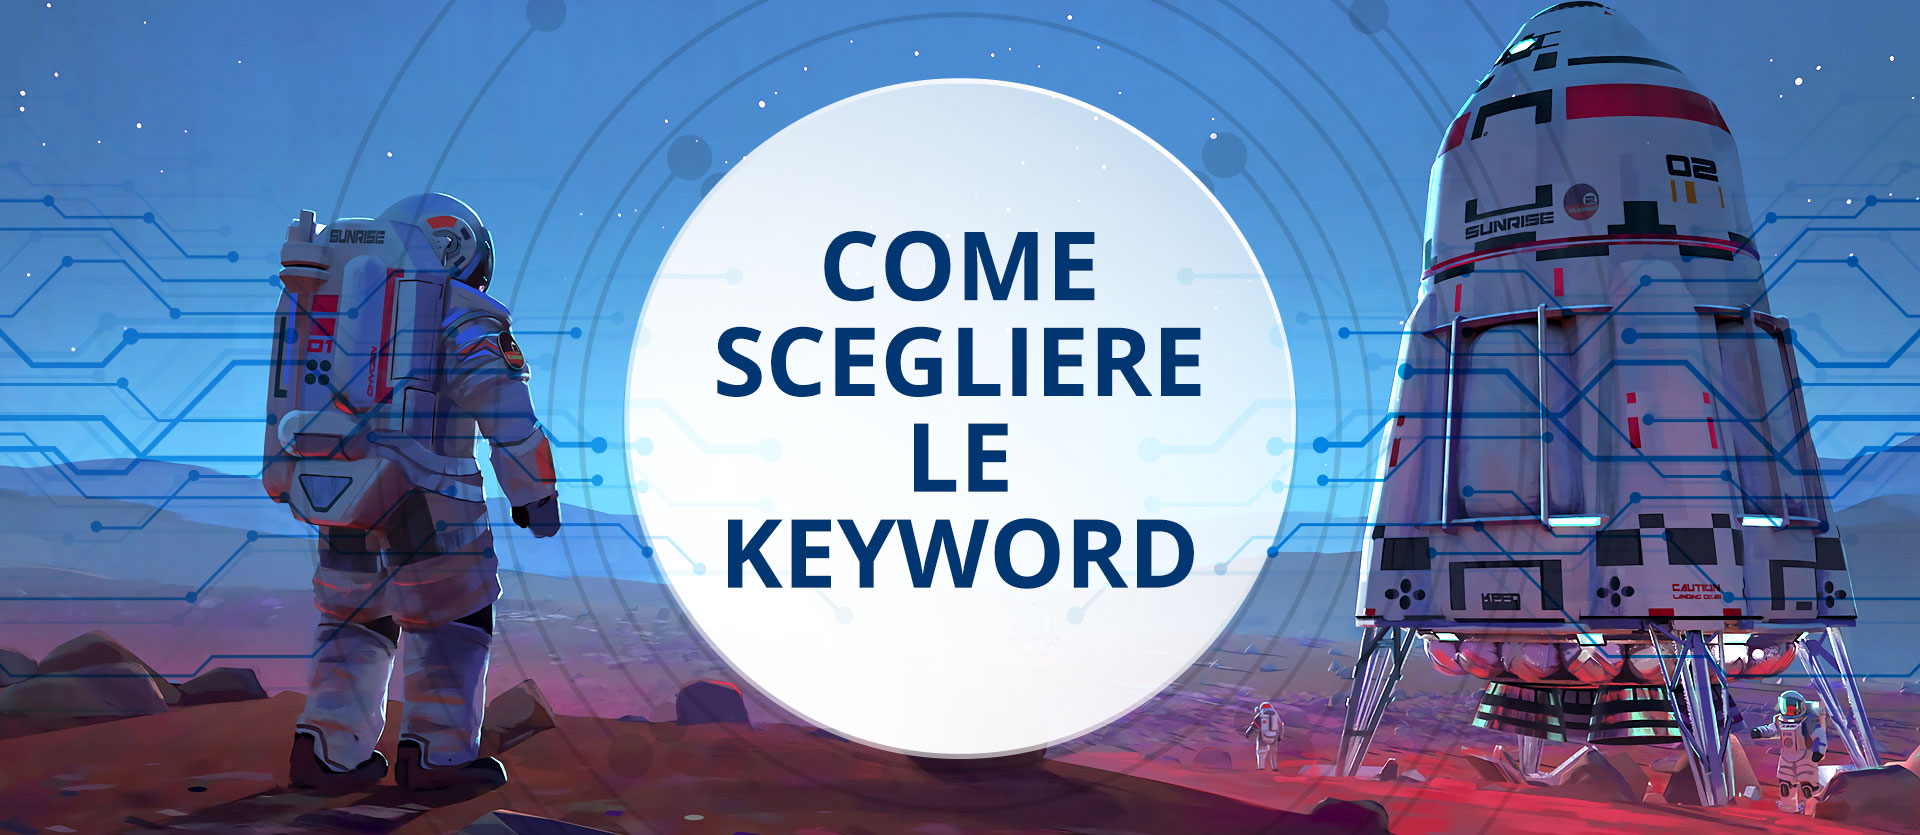 SEO-come-scegliere-keyword